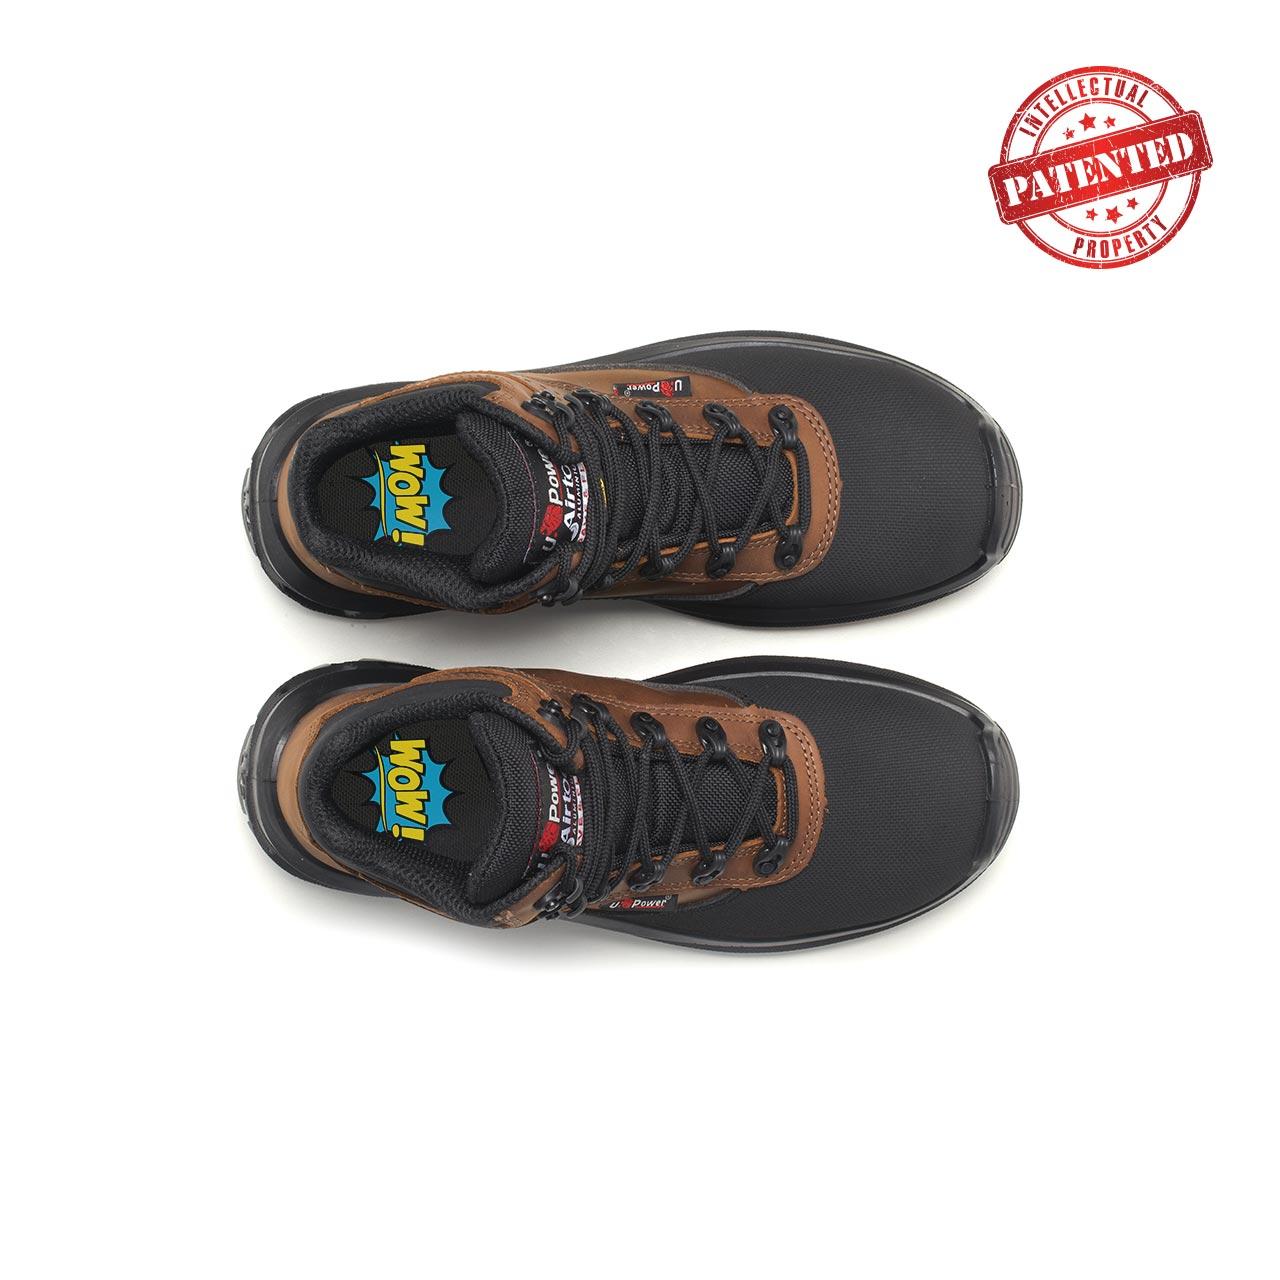 paio di scarpe antinfortunistiche upower modello floyd linea redlion vista top